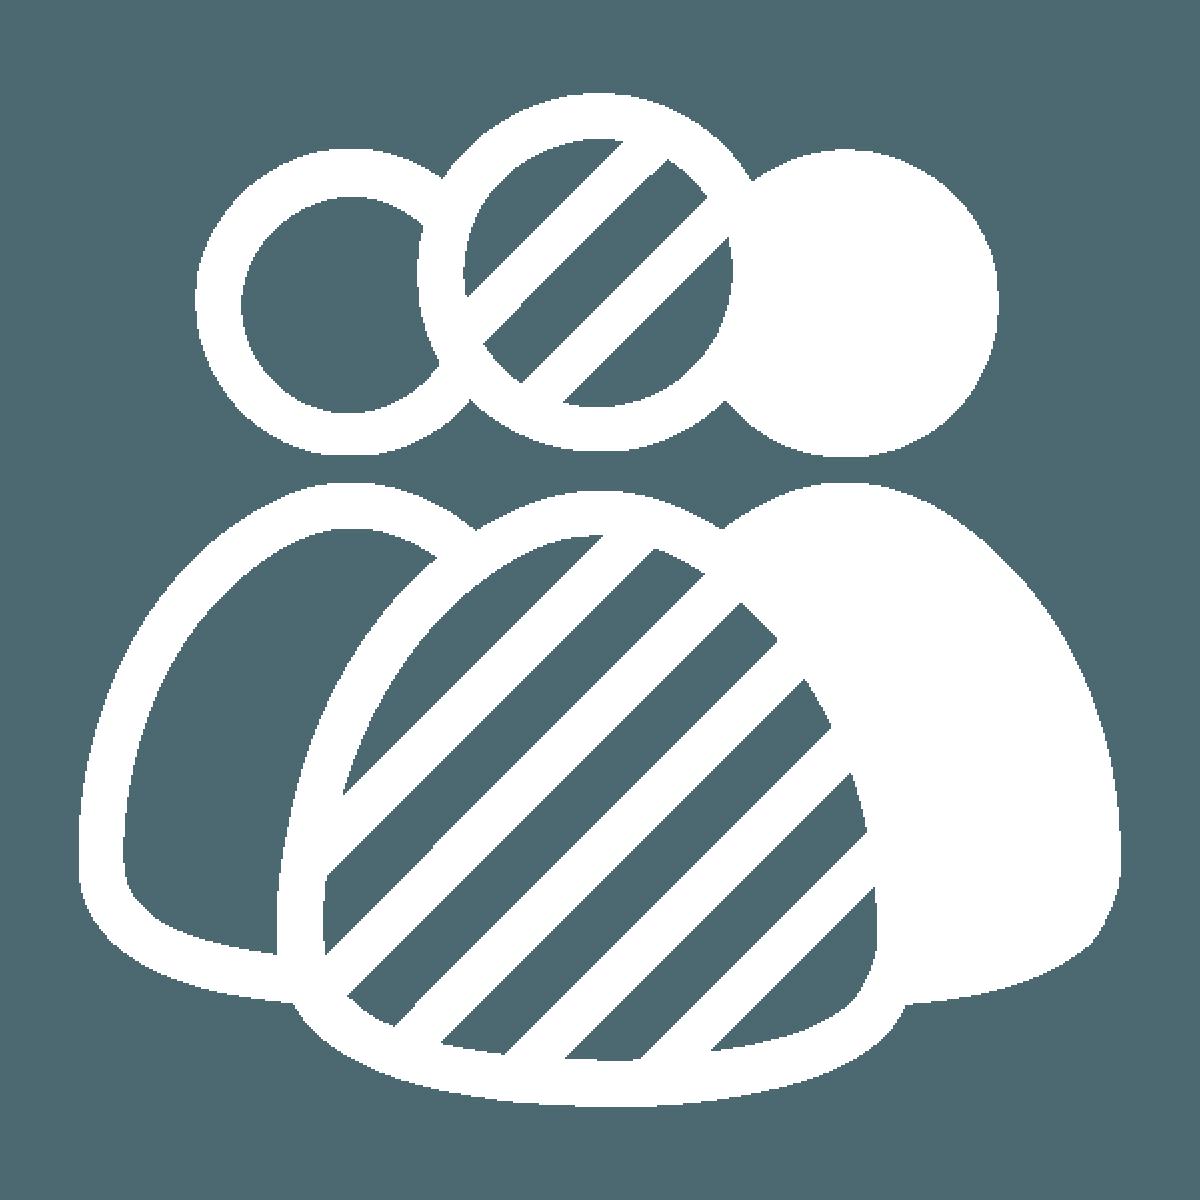 Ingesmak.com - Ik creëer verbinding in organisaties.